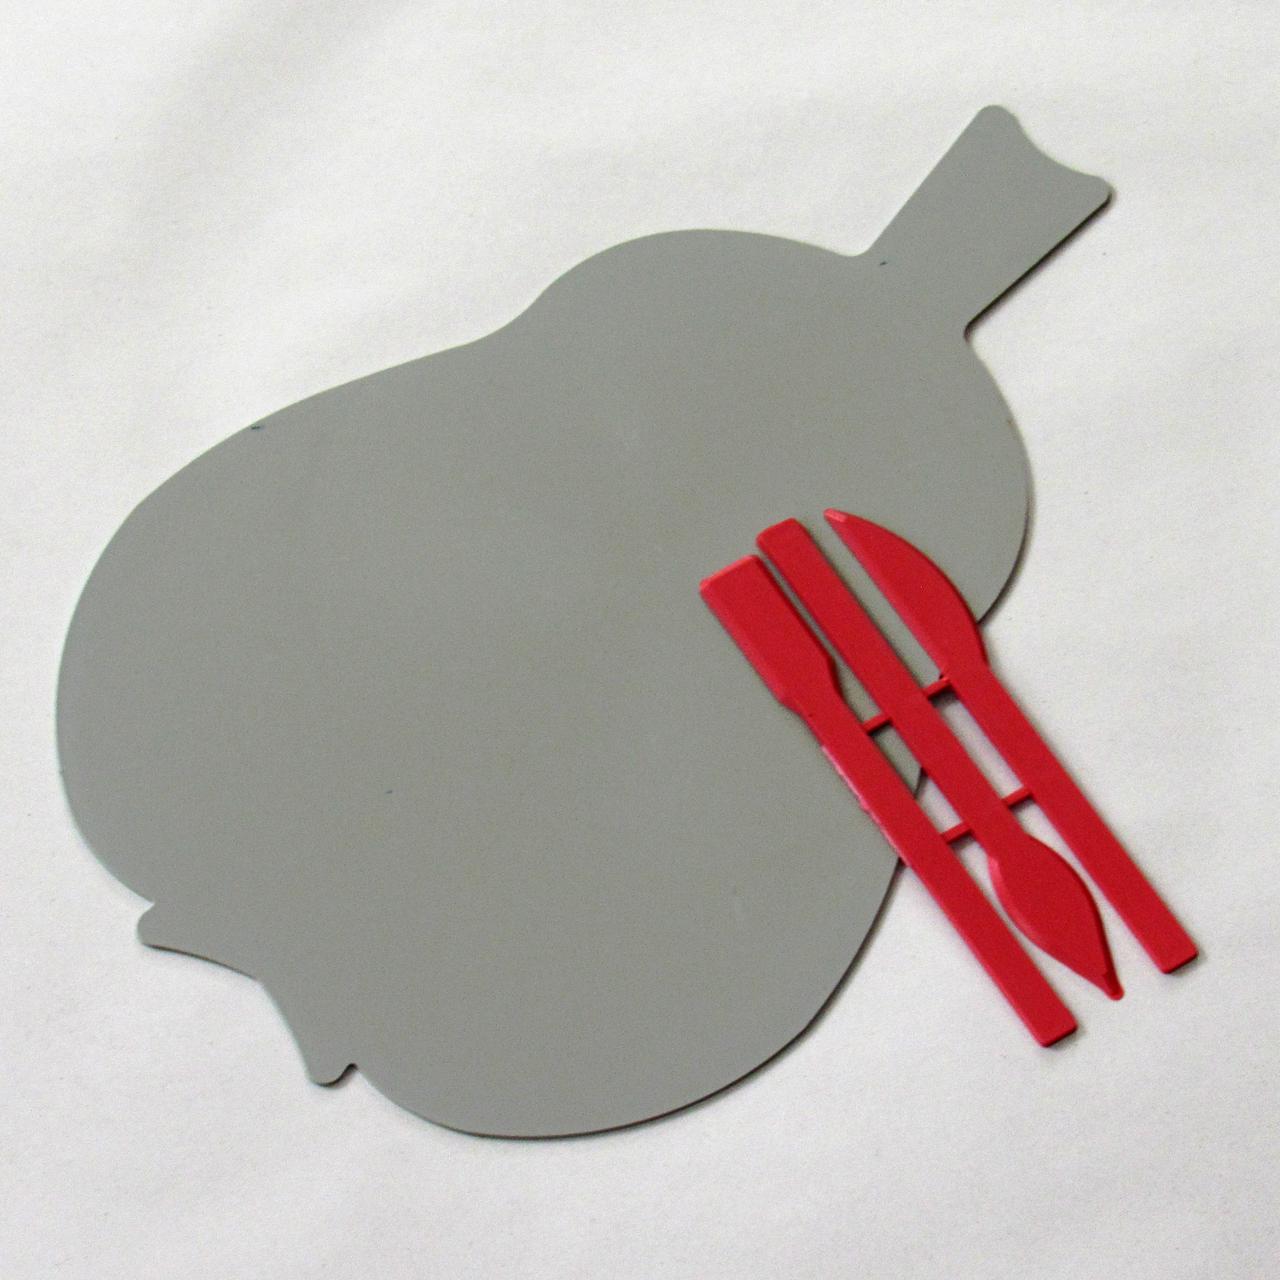 Дощечка для пластиліну зі стеками у вигляді груші 14602